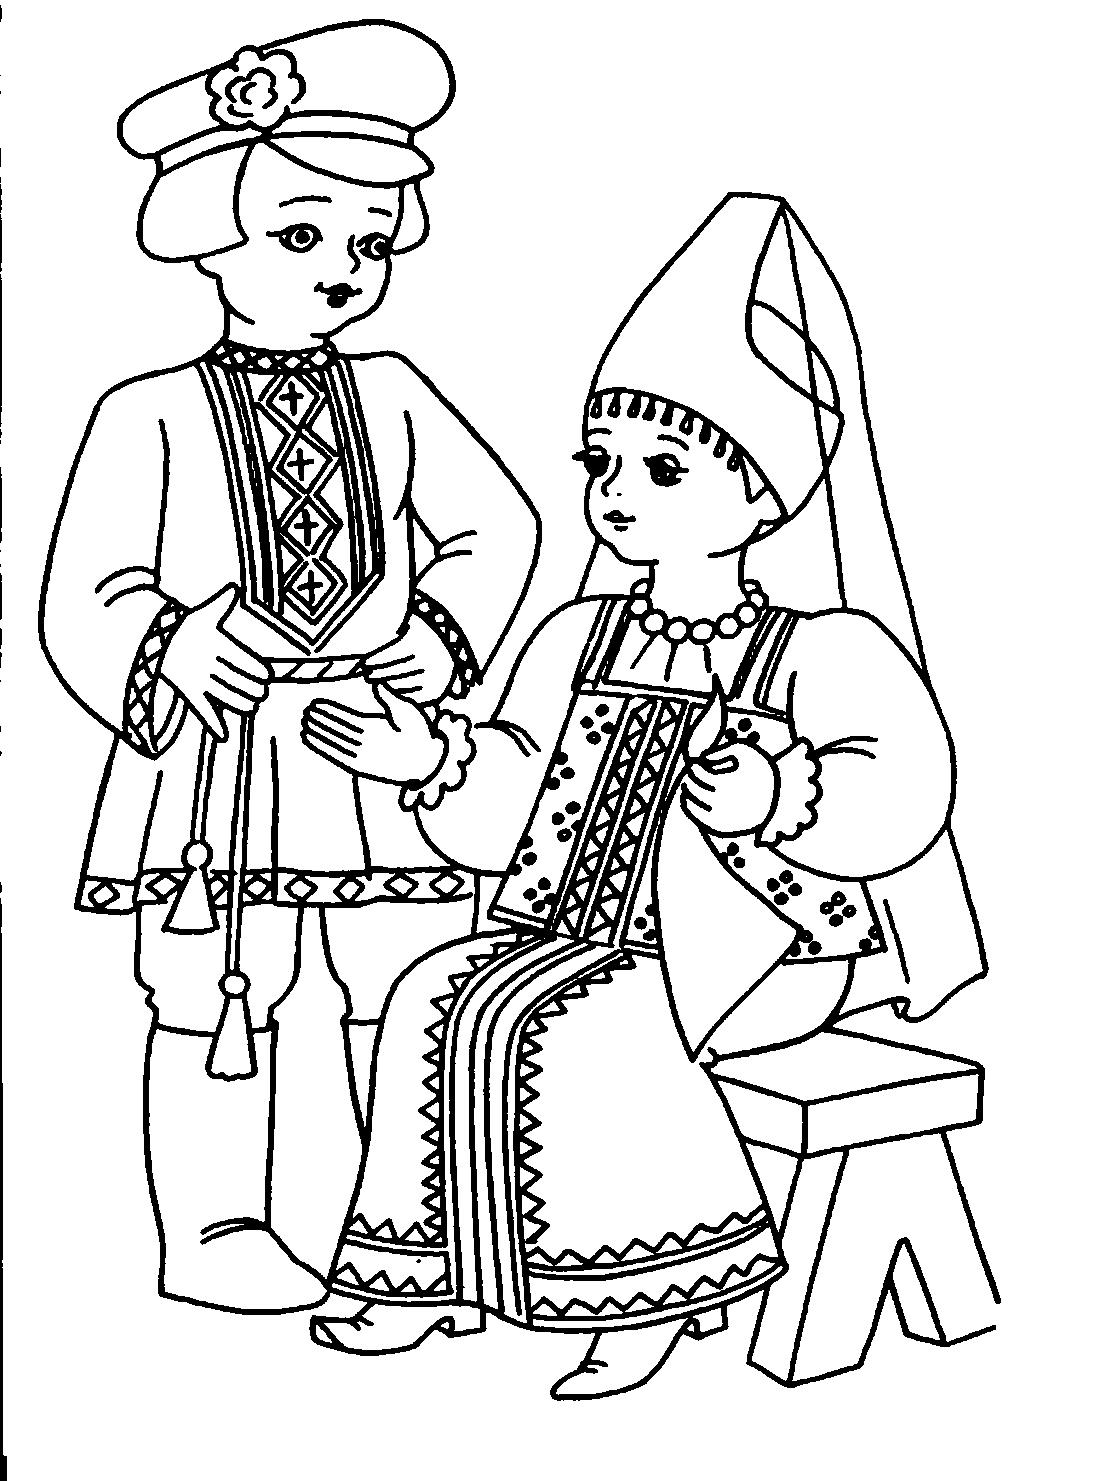 Раскраска юноша в русском народном костюме